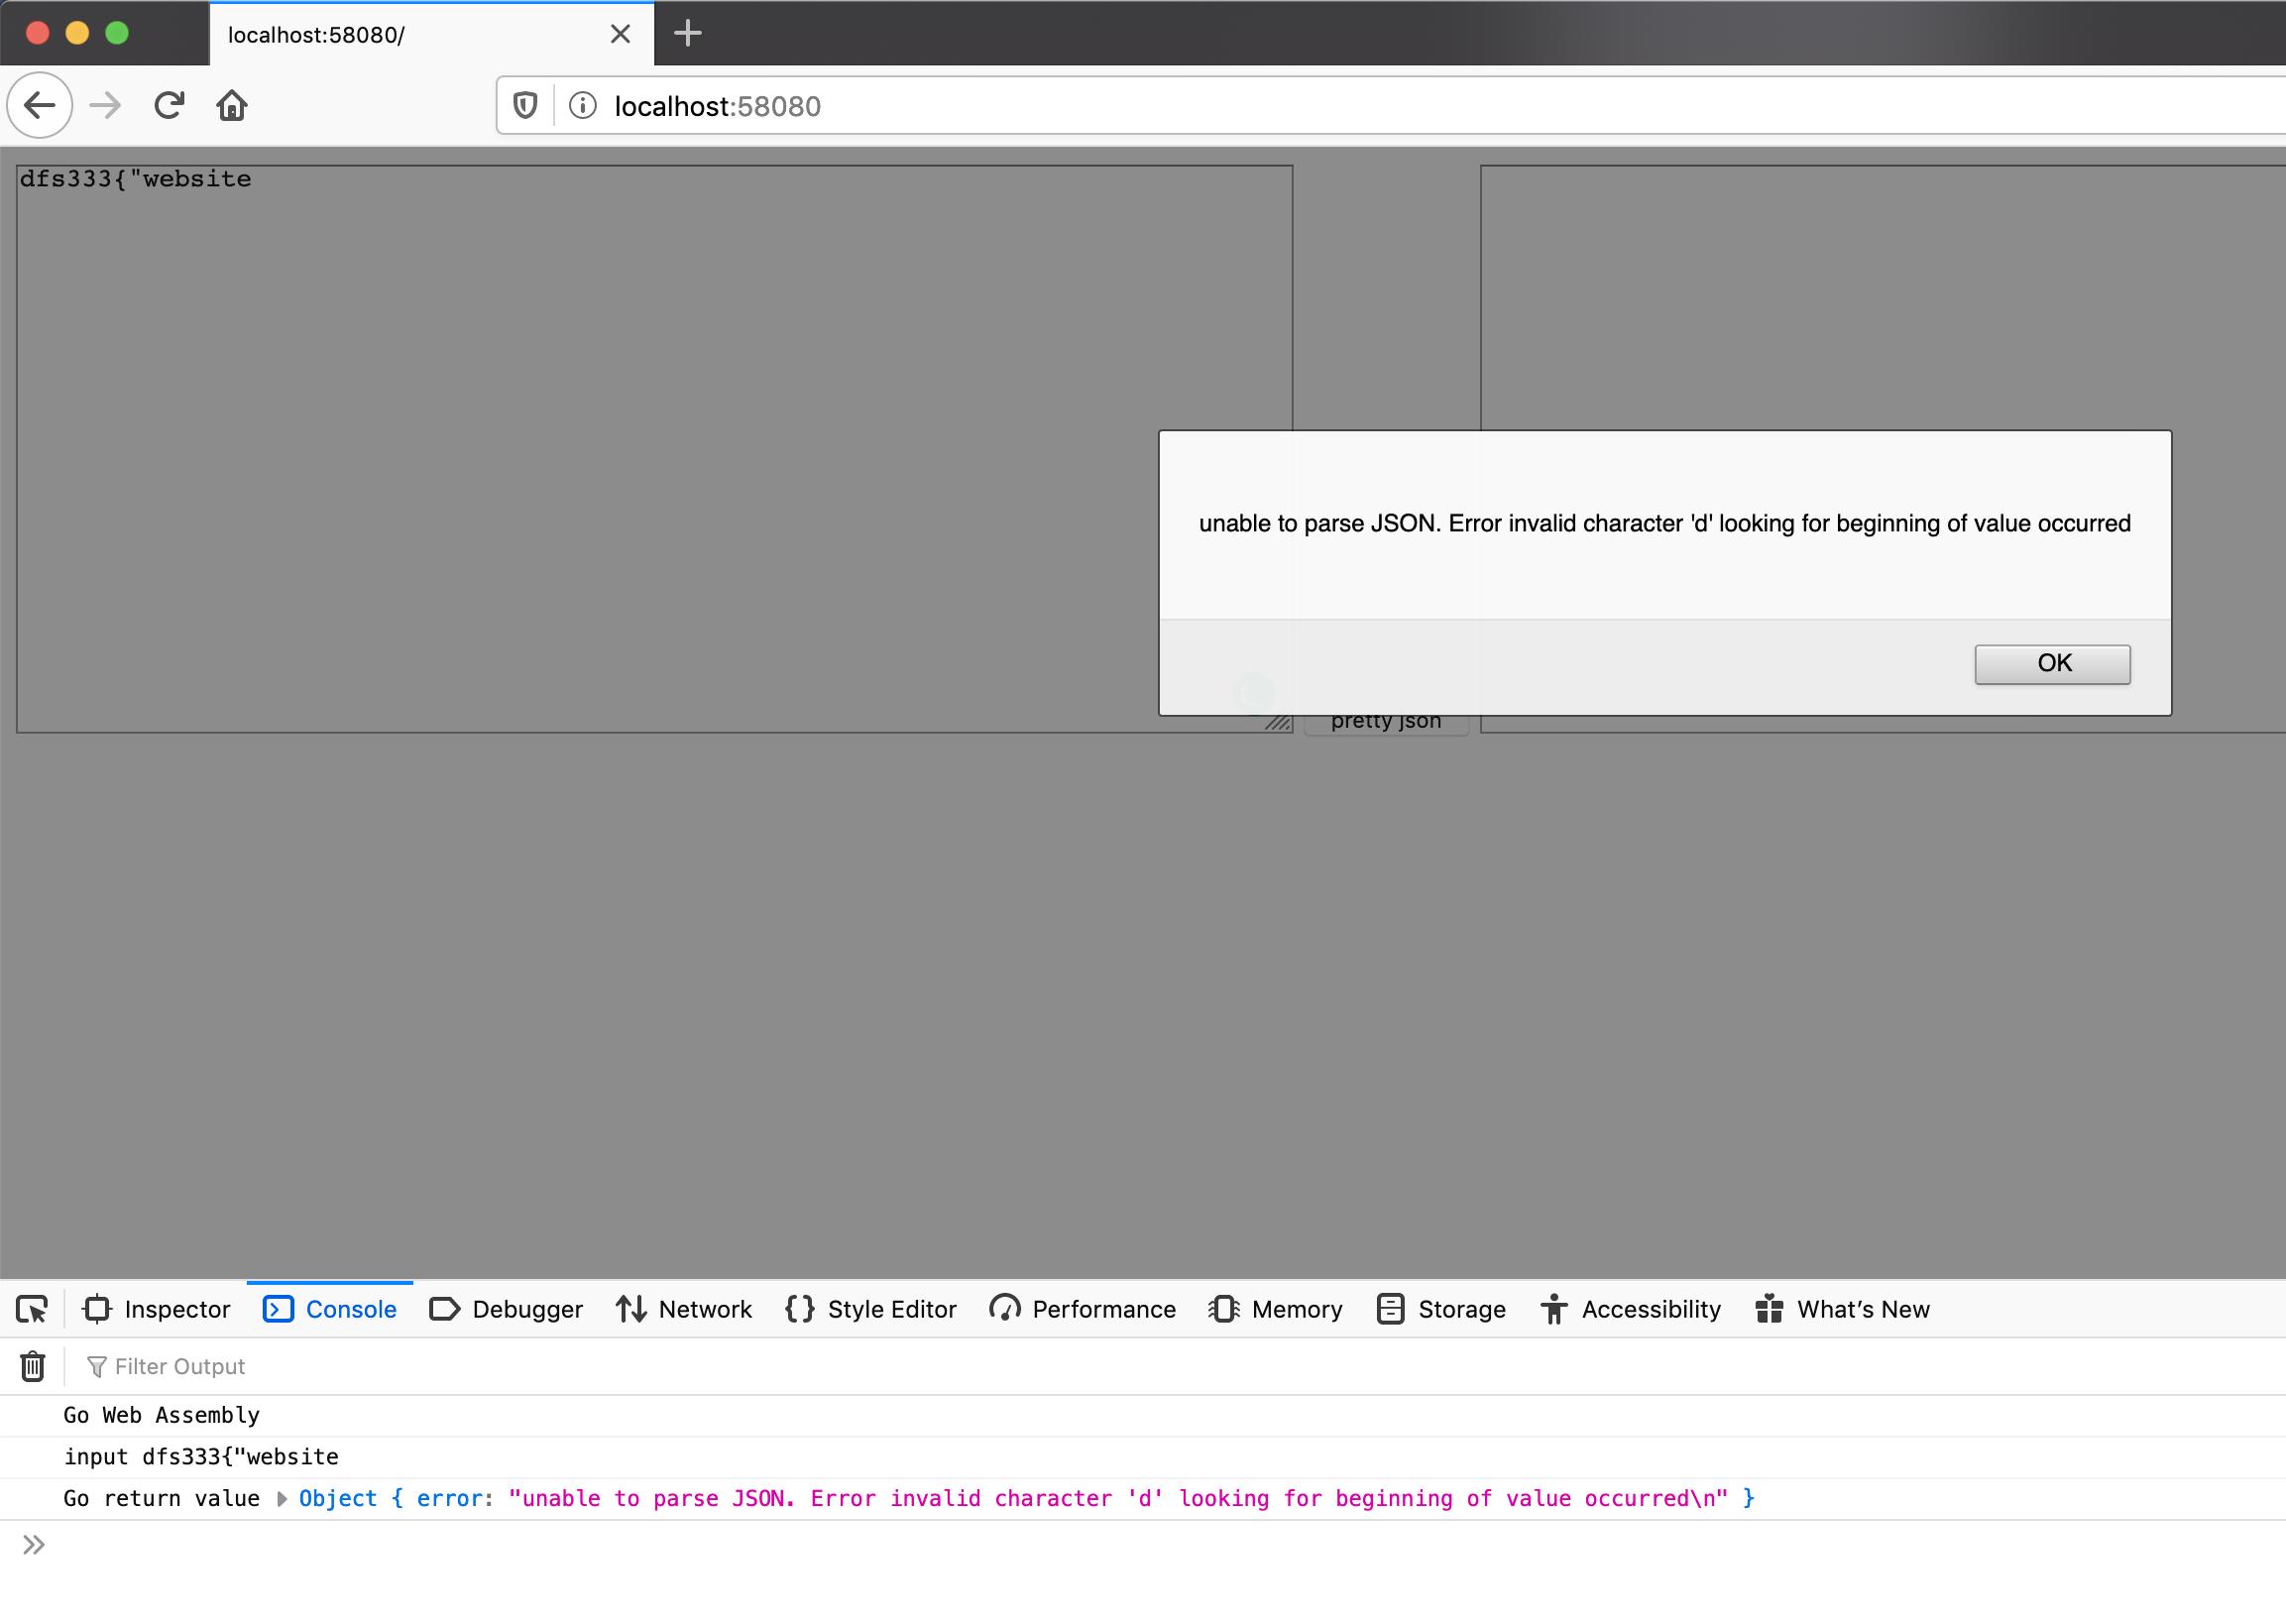 Go WebAssembly error handling